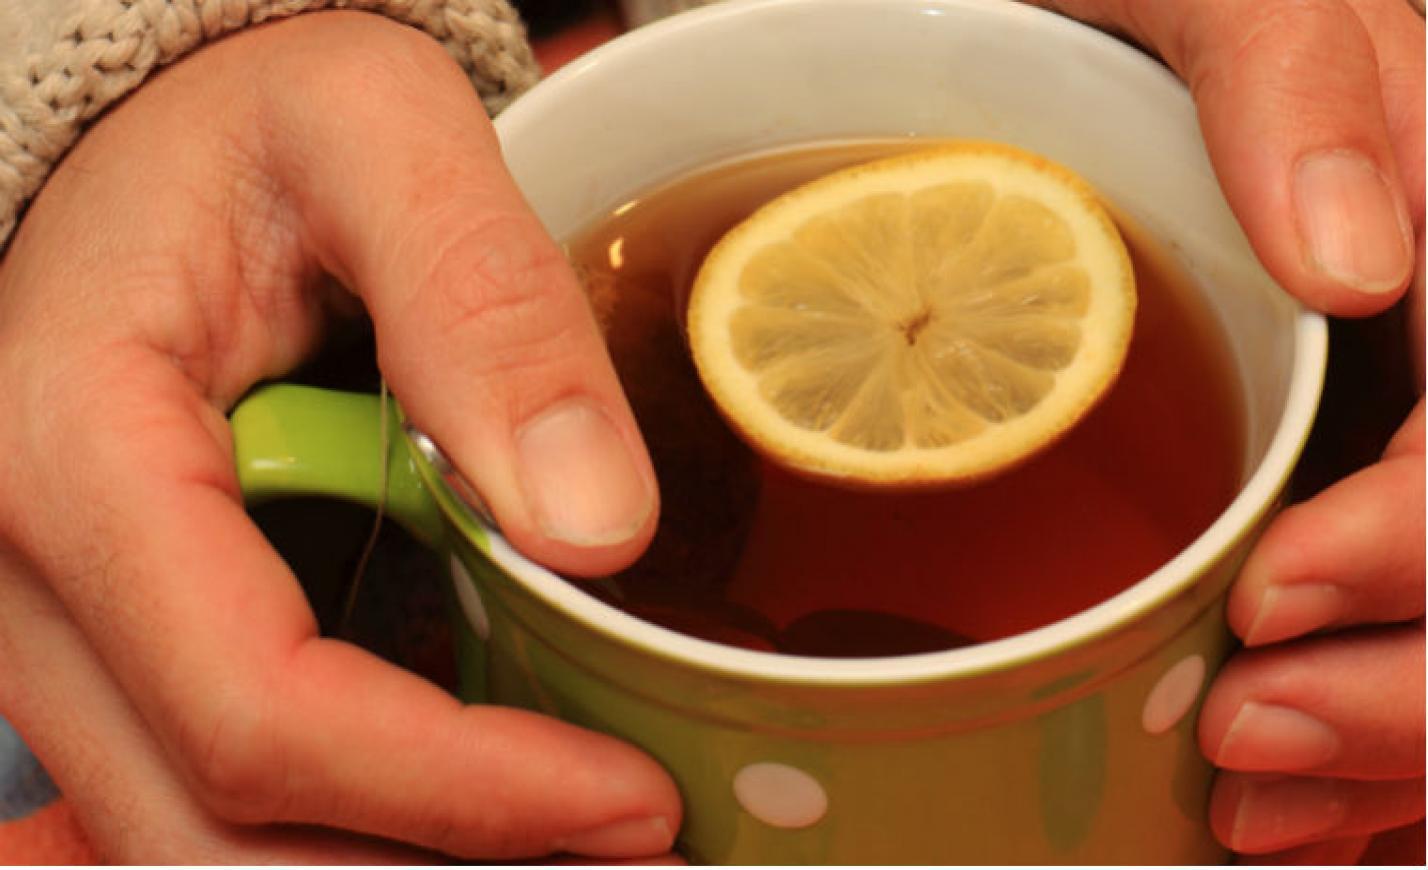 Igyenesen kínálnak forró teát a rászorulóknak